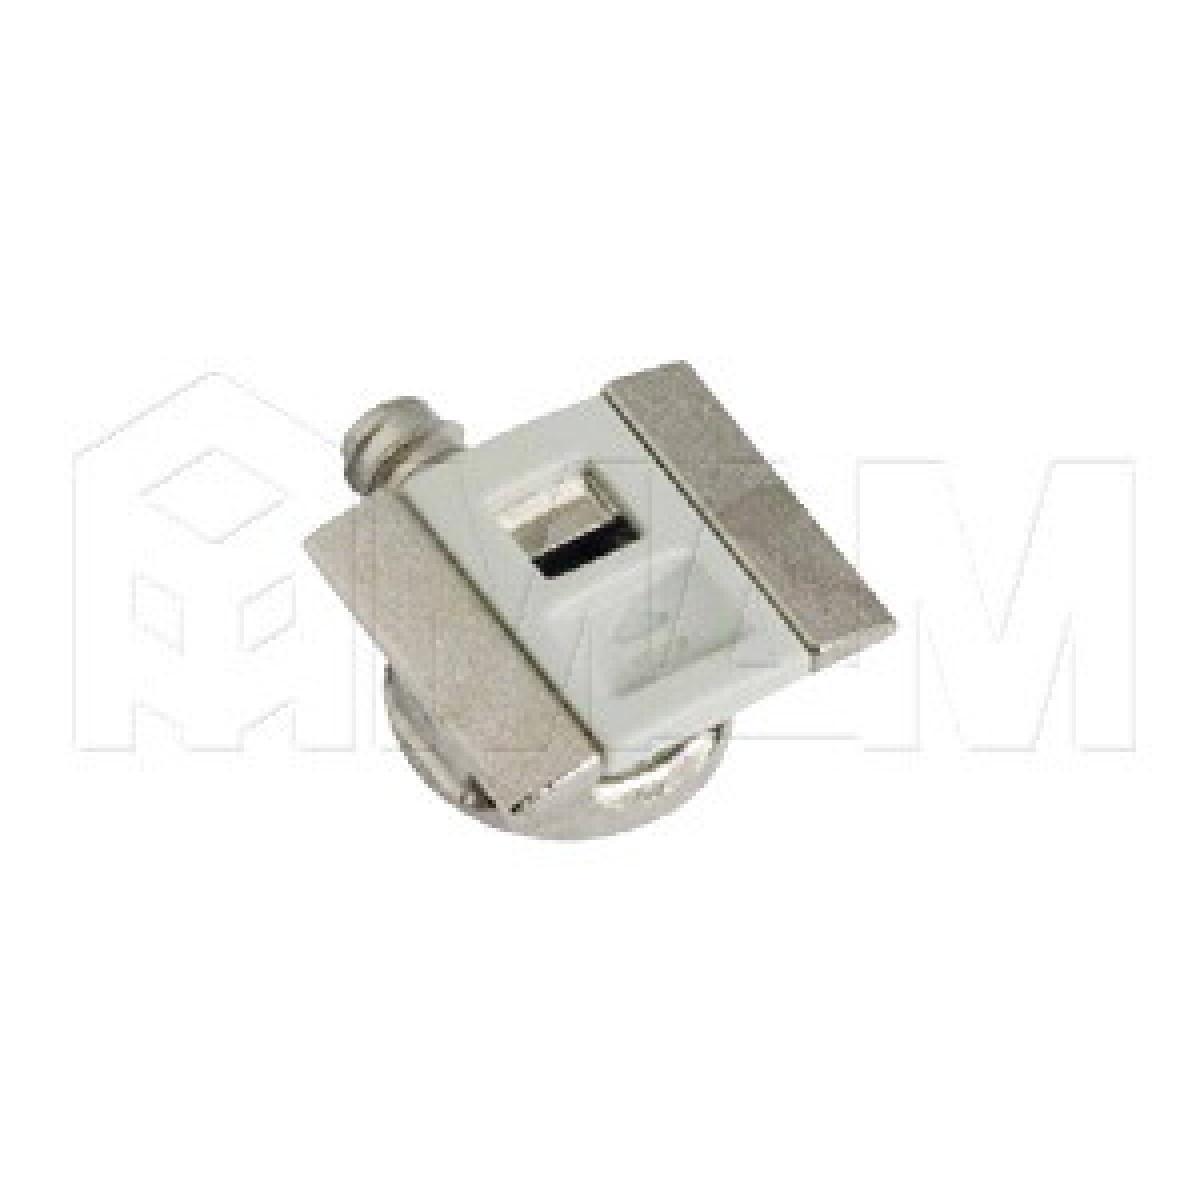 UNICO Полкодержатель для деревянных полок с фиксацией, со штоком с резьбой, светло-серый